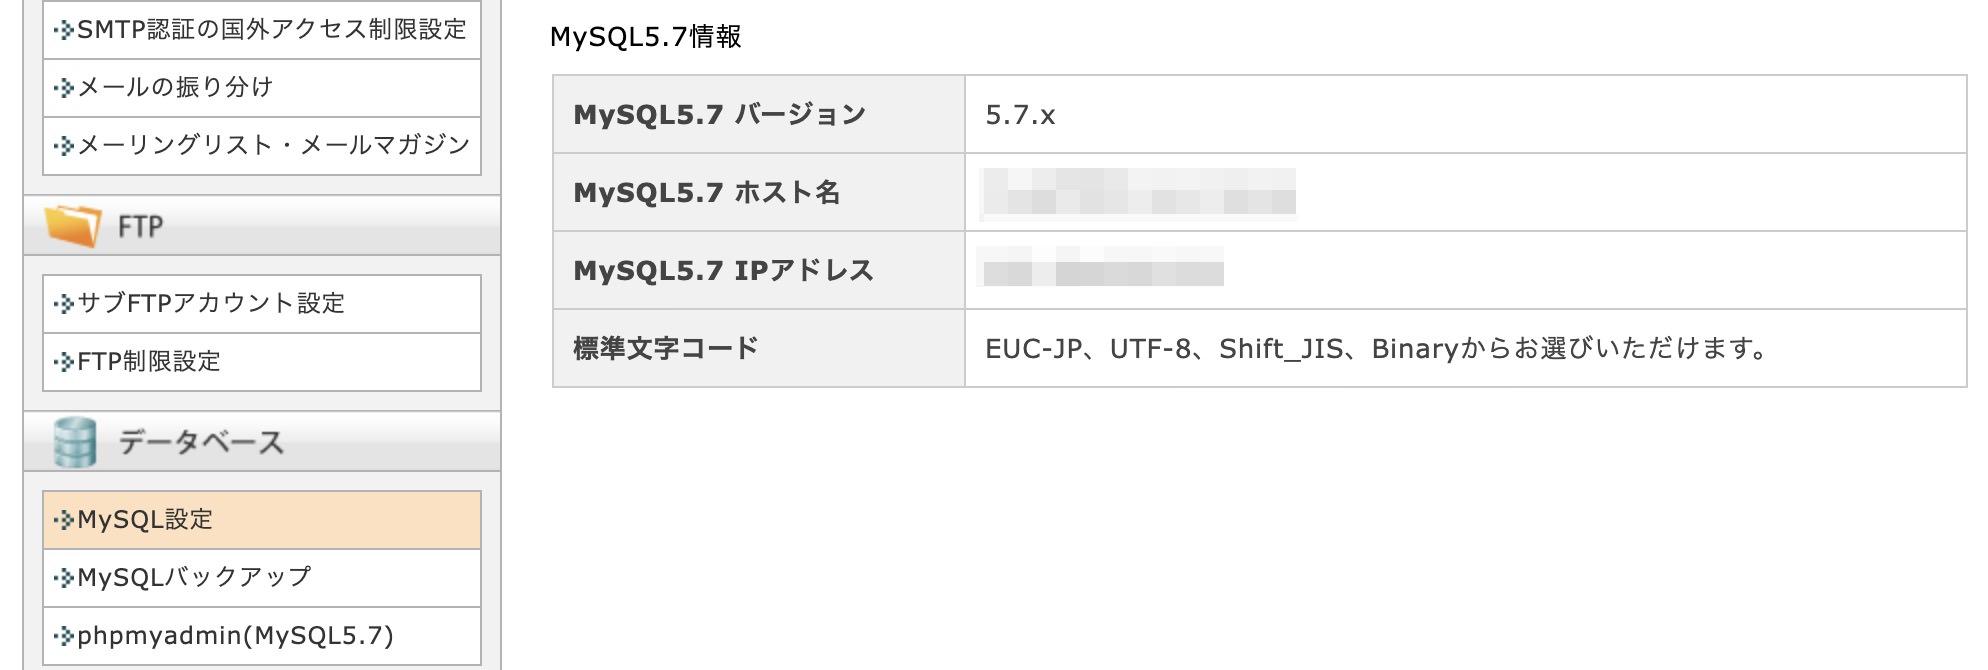 エックスサーバーでのデータベースホストの情報確認画面